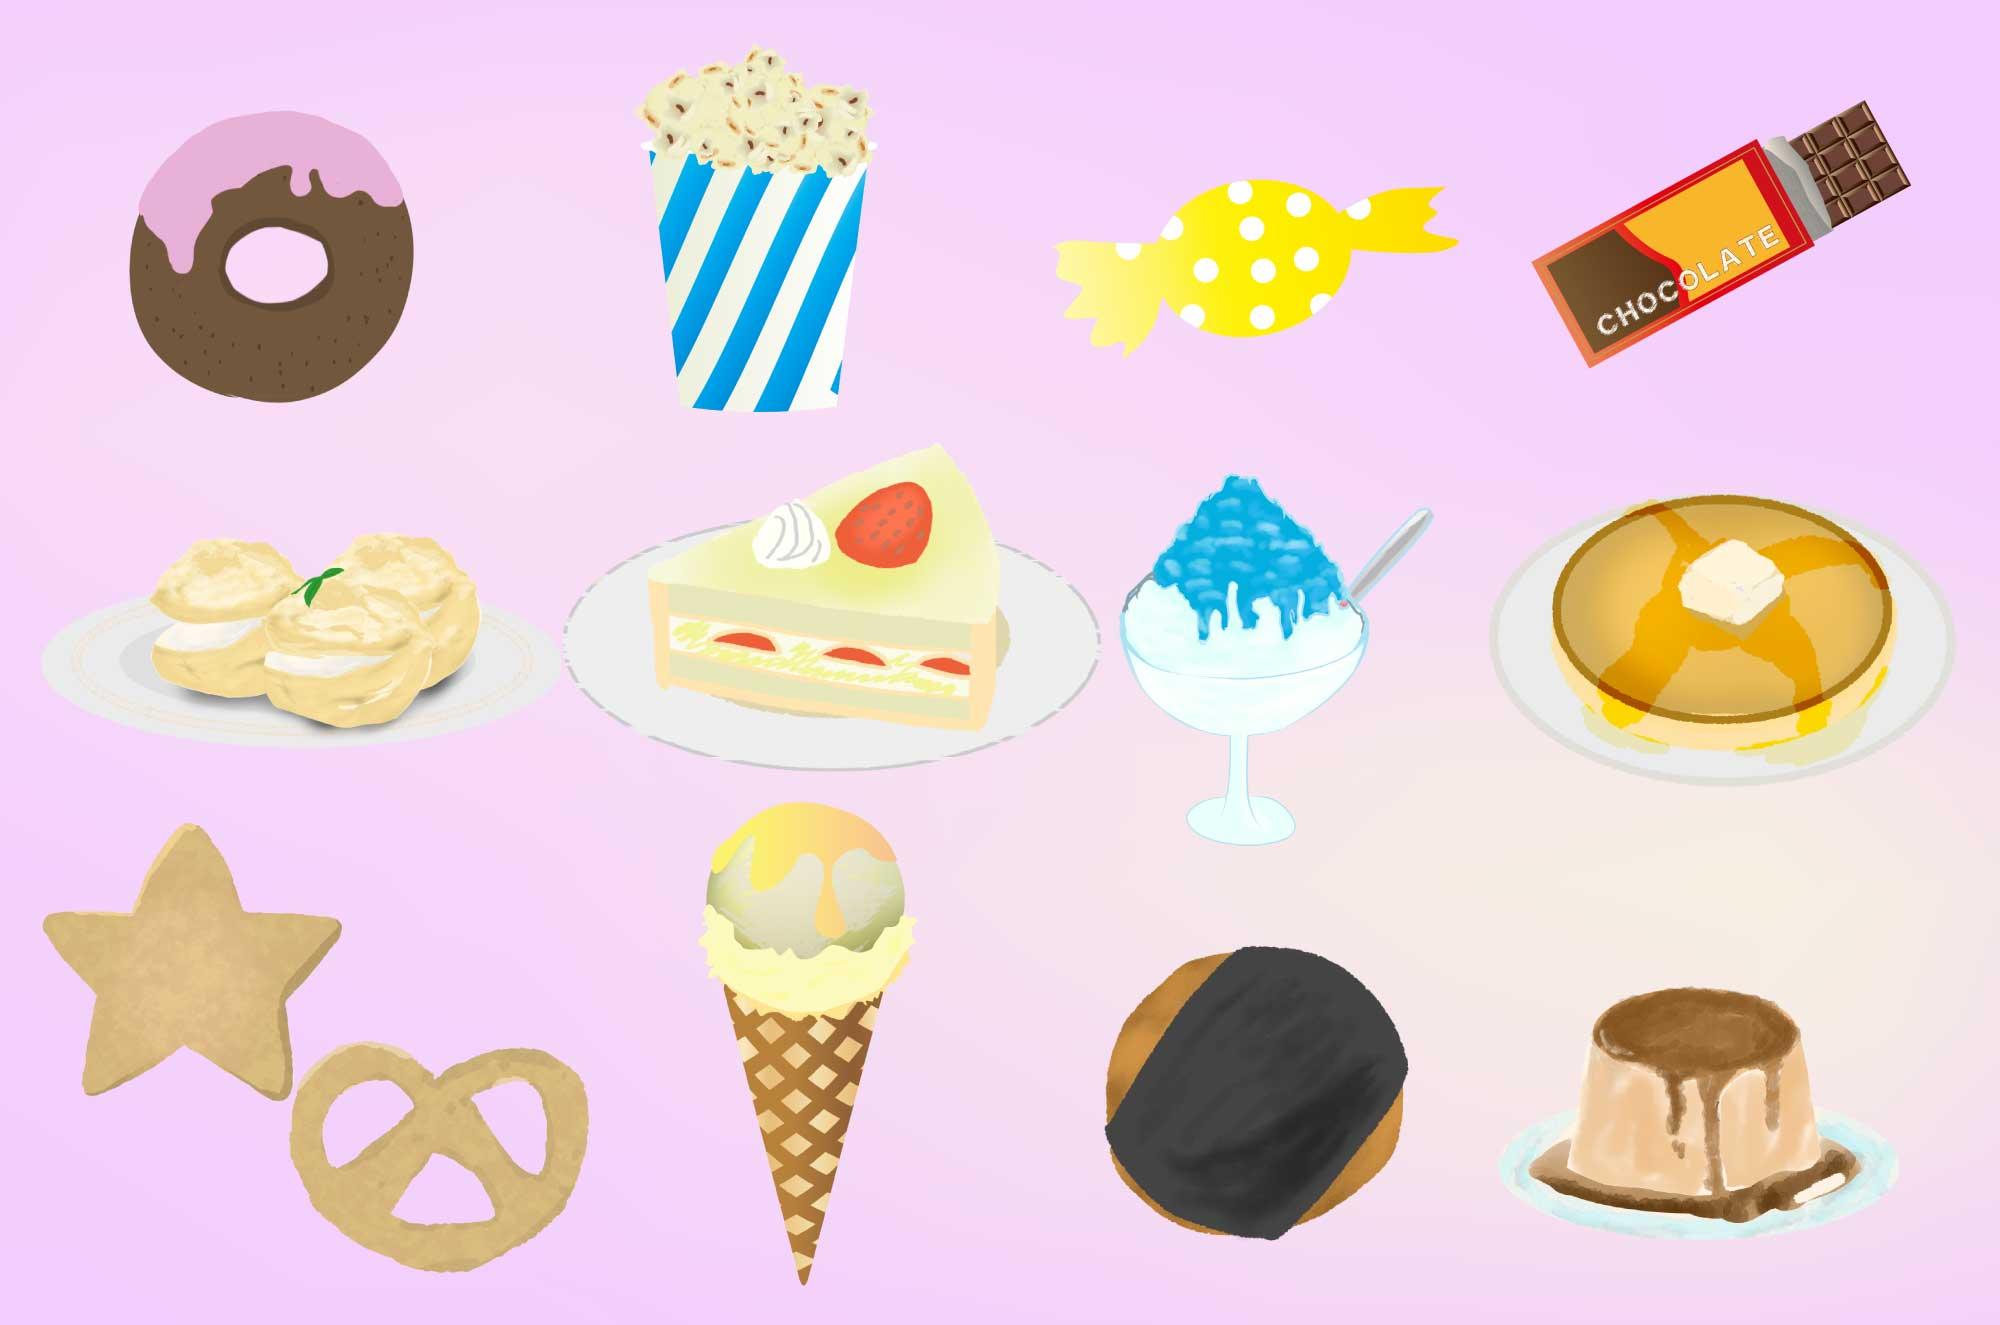 お菓子の無料イラスト - 和・洋のフリー素材まとめ